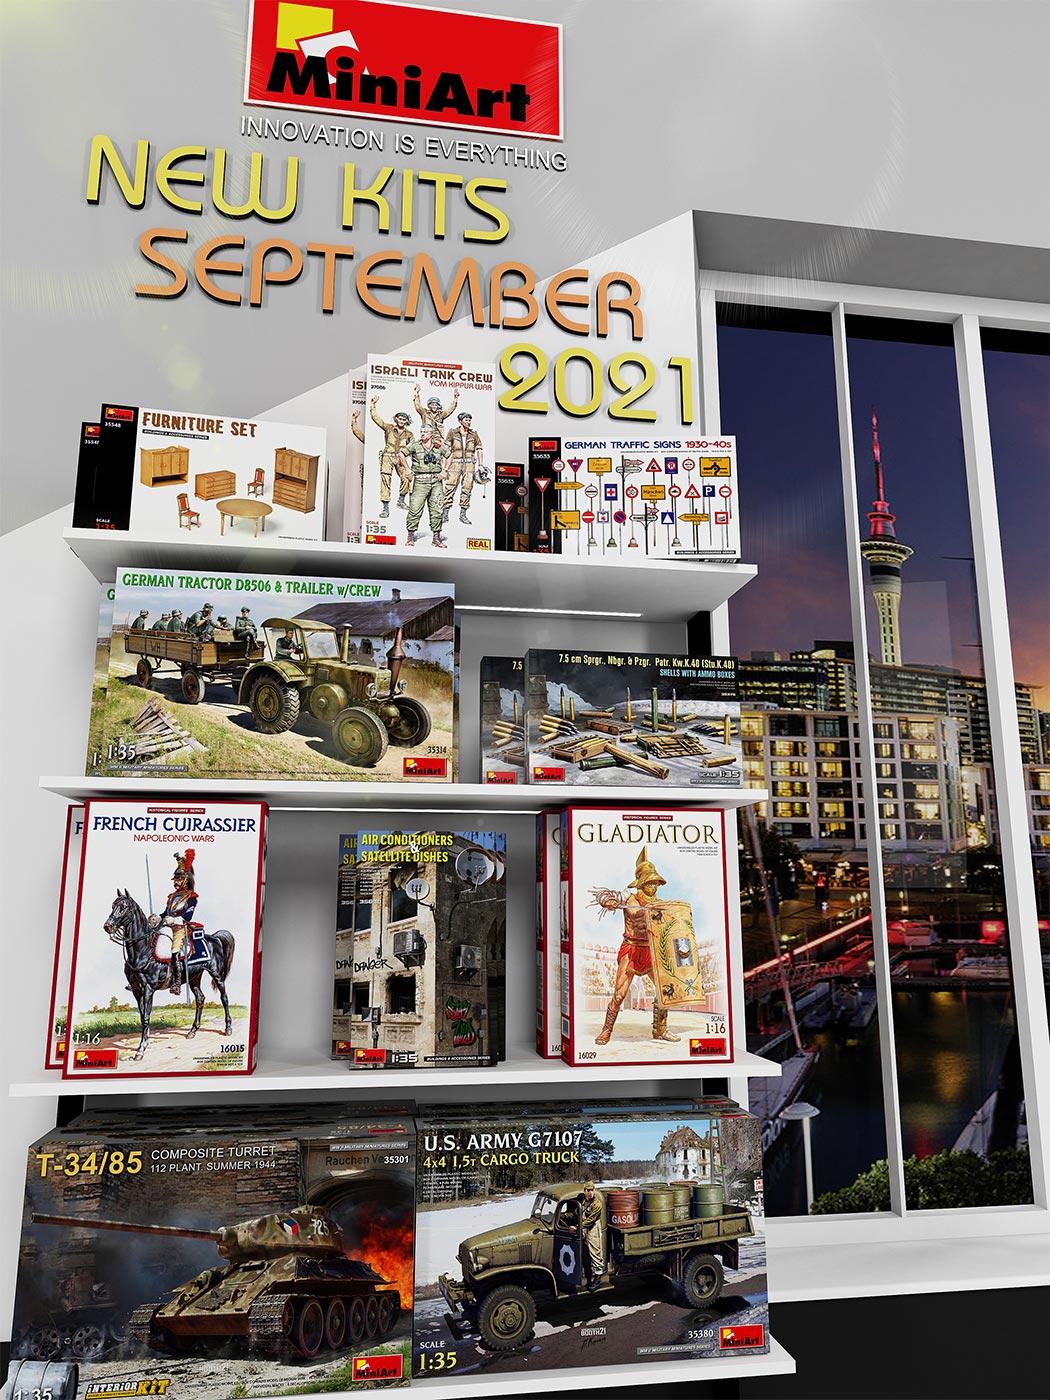 New MiniArt Kits Available September 2021